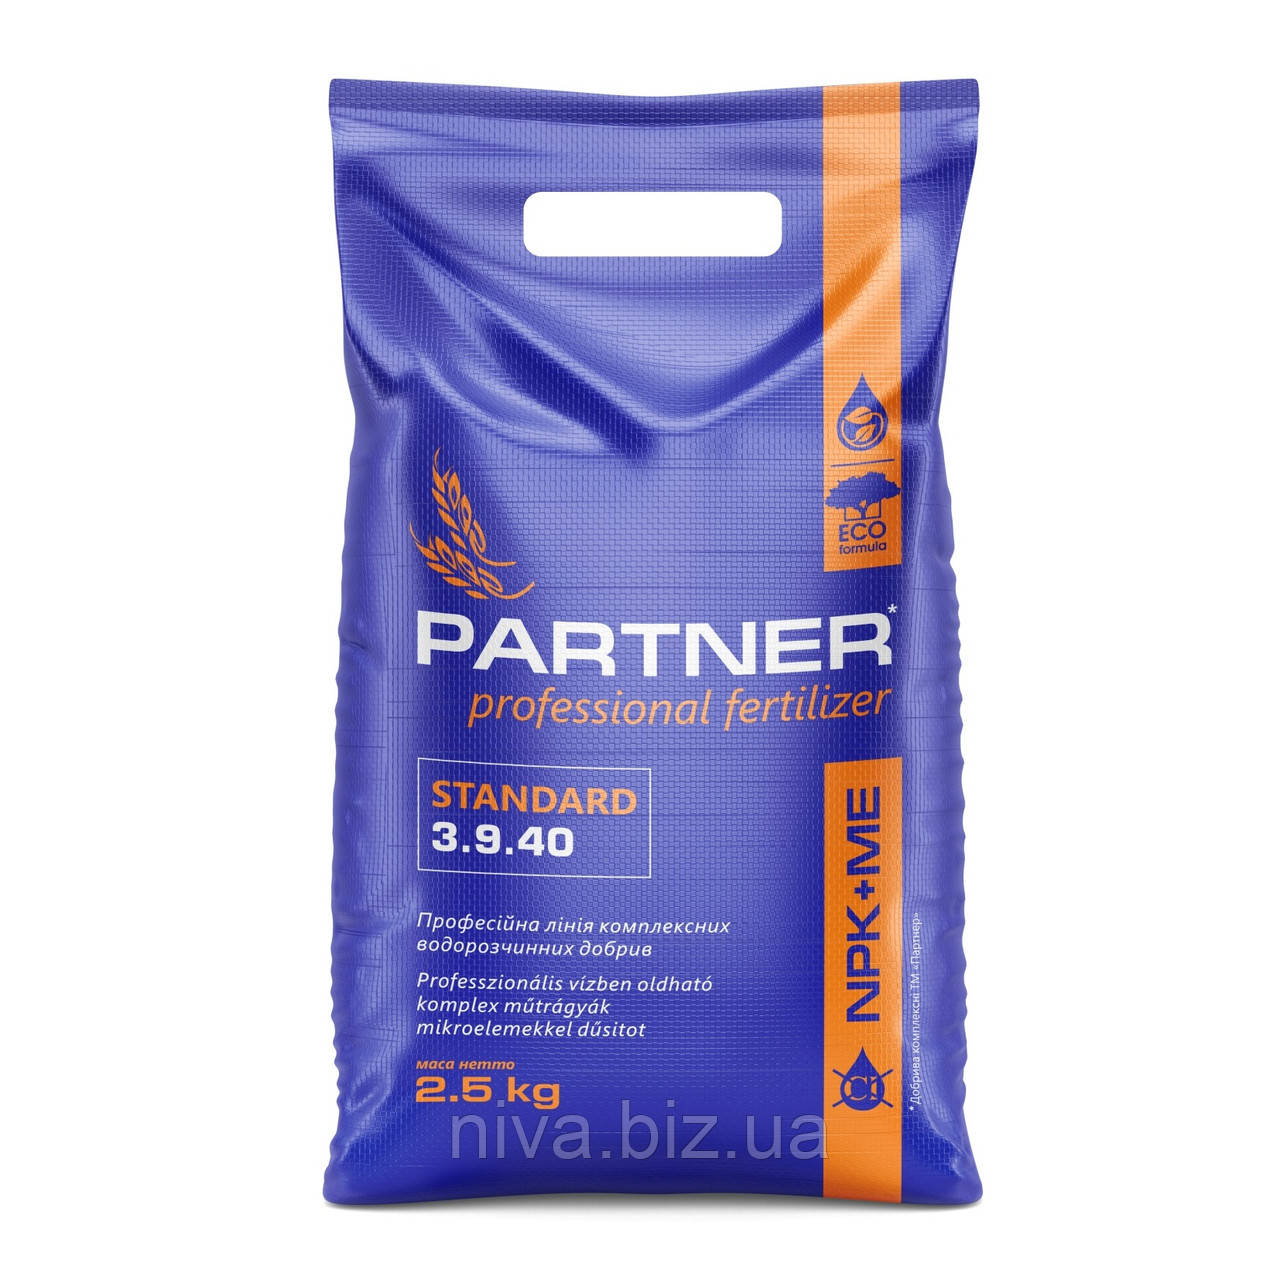 Партнер (Partner) Standard комплексне водорозчинне добриво NPK 3.9.40+S+Me+MgO 2,5 кг